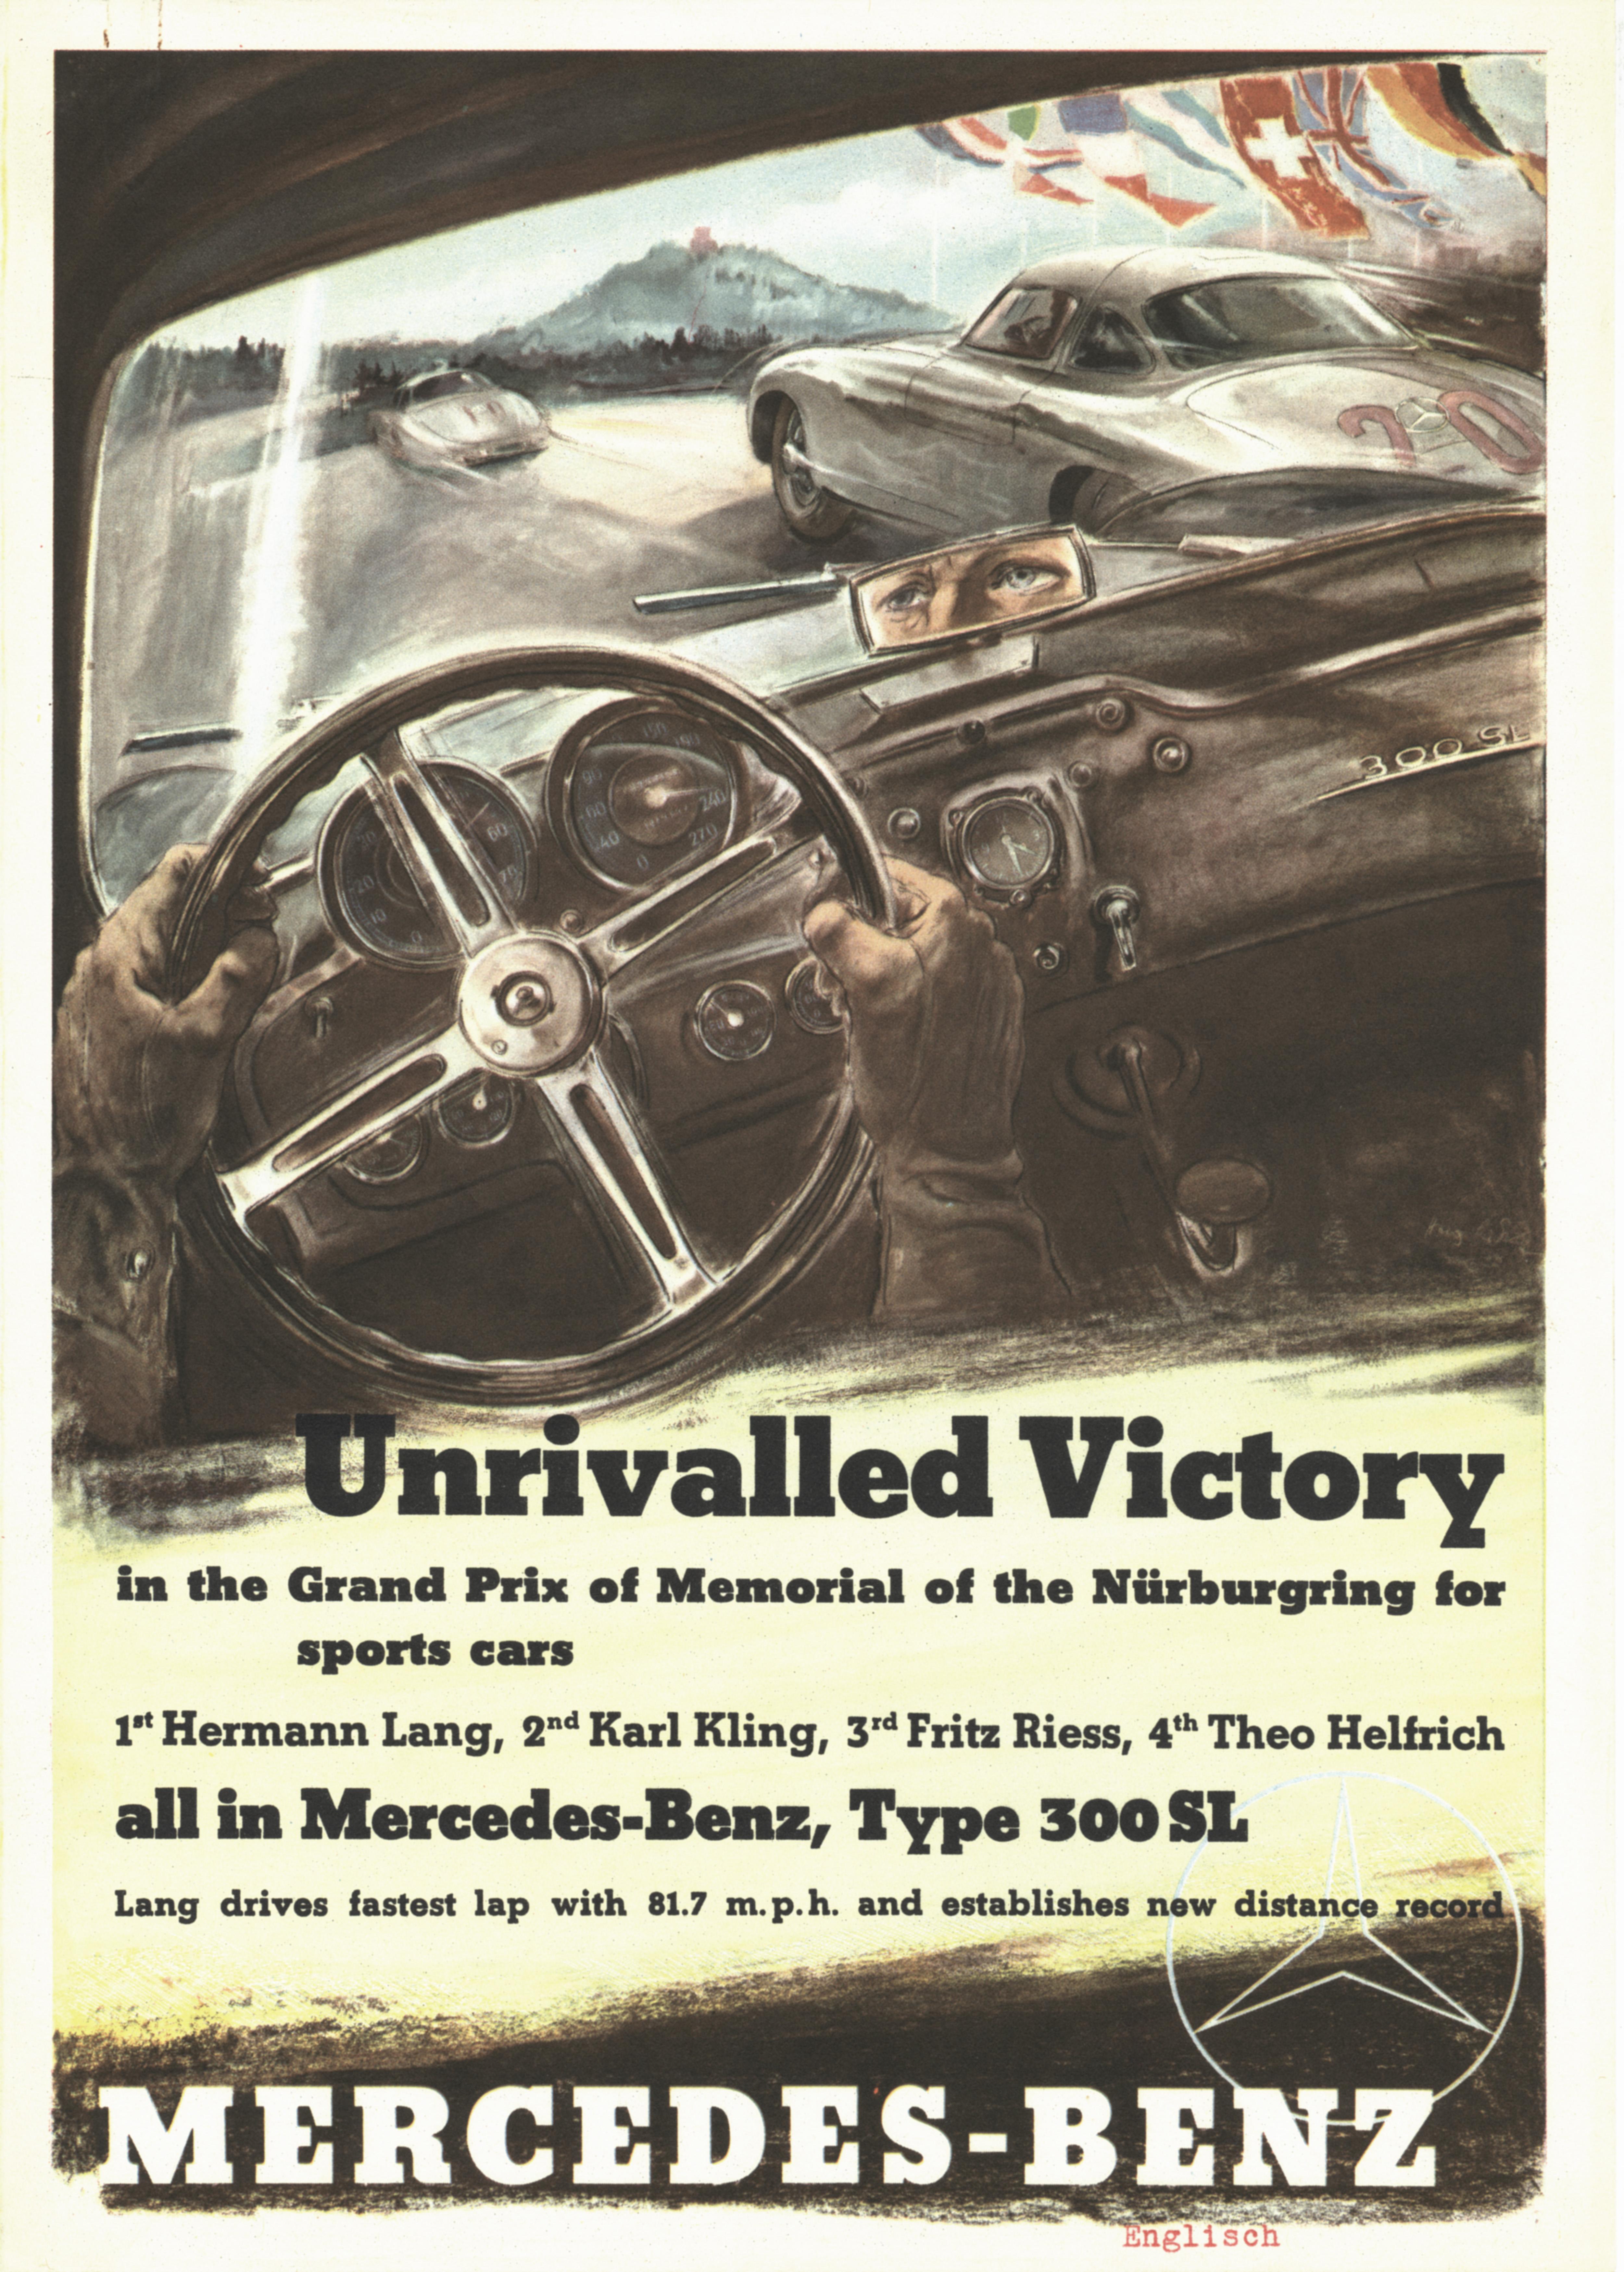 Großer Jubiläumspreis vom Nürburgring für Sportwagen, 3. August 1952. Rennplakat von Hans Liska, englische Ausführung.